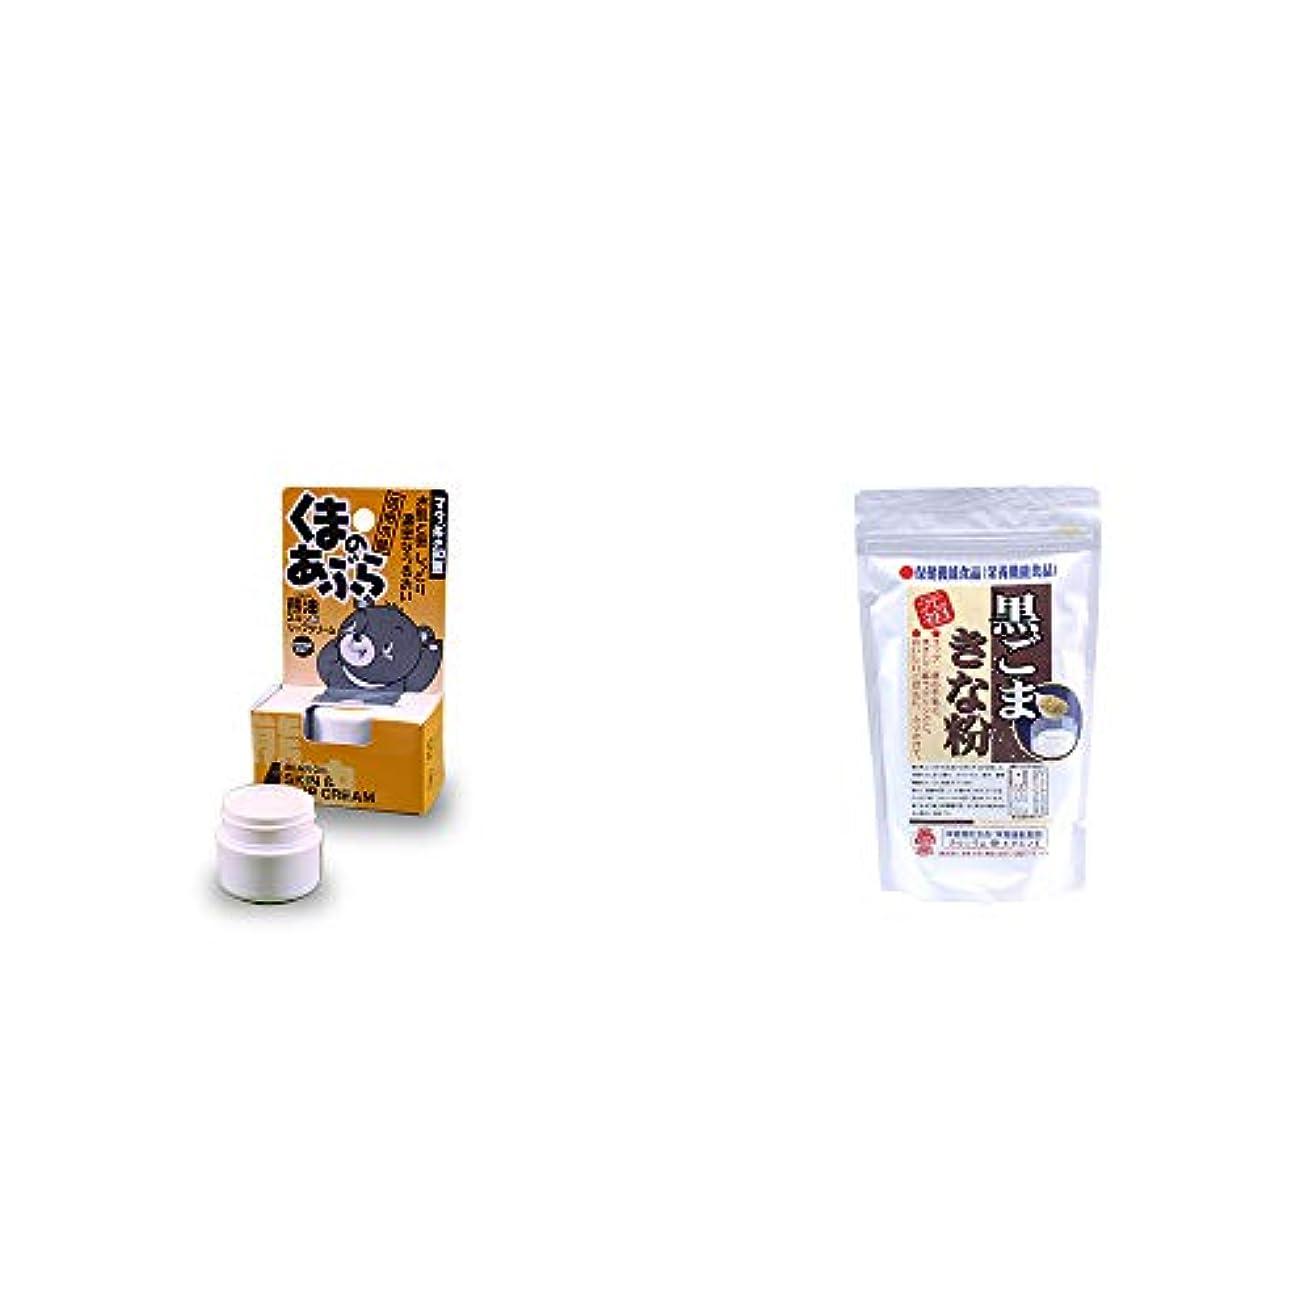 生き物ゴミ箱を空にするさせる[2点セット] 信州木曽 くまのあぶら 熊油スキン&リップクリーム(9g)?黒ごまきな粉(270g)